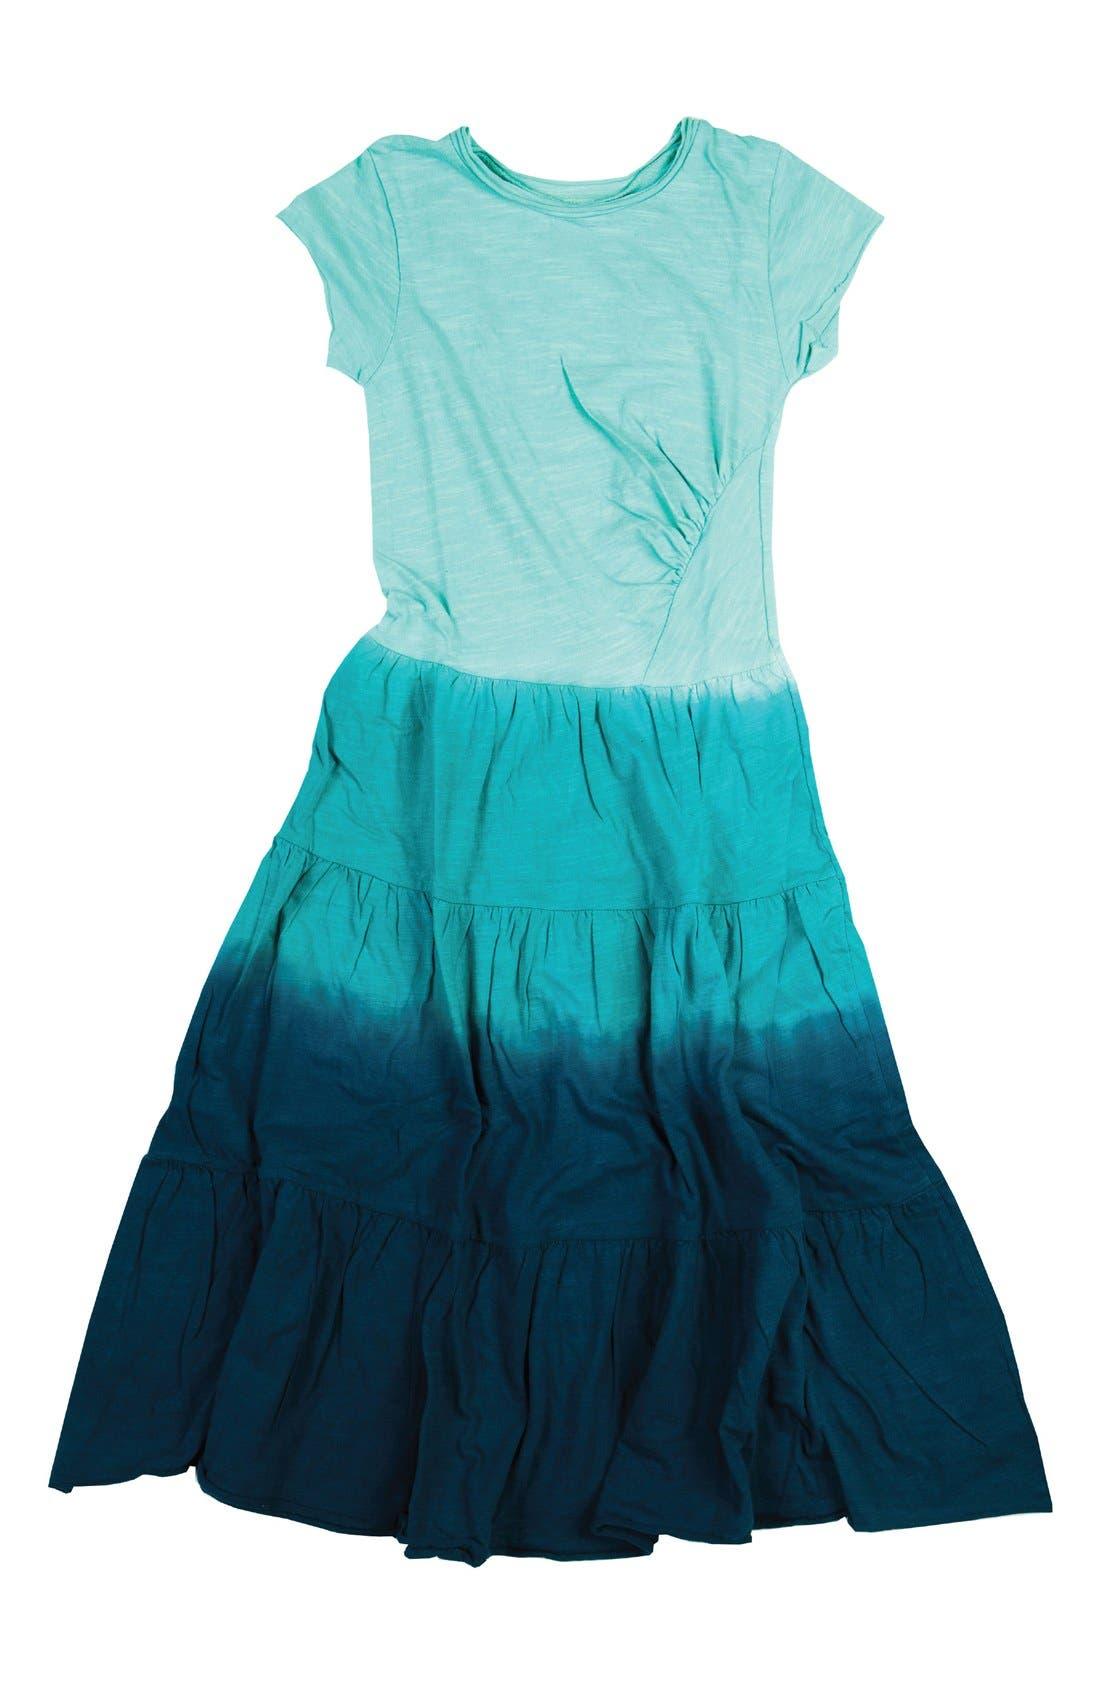 BOWIE X JAMES Maximum Heartbreak Cover-Up Maxi Dress (Toddler Girls, Little Girls & Big Girls)